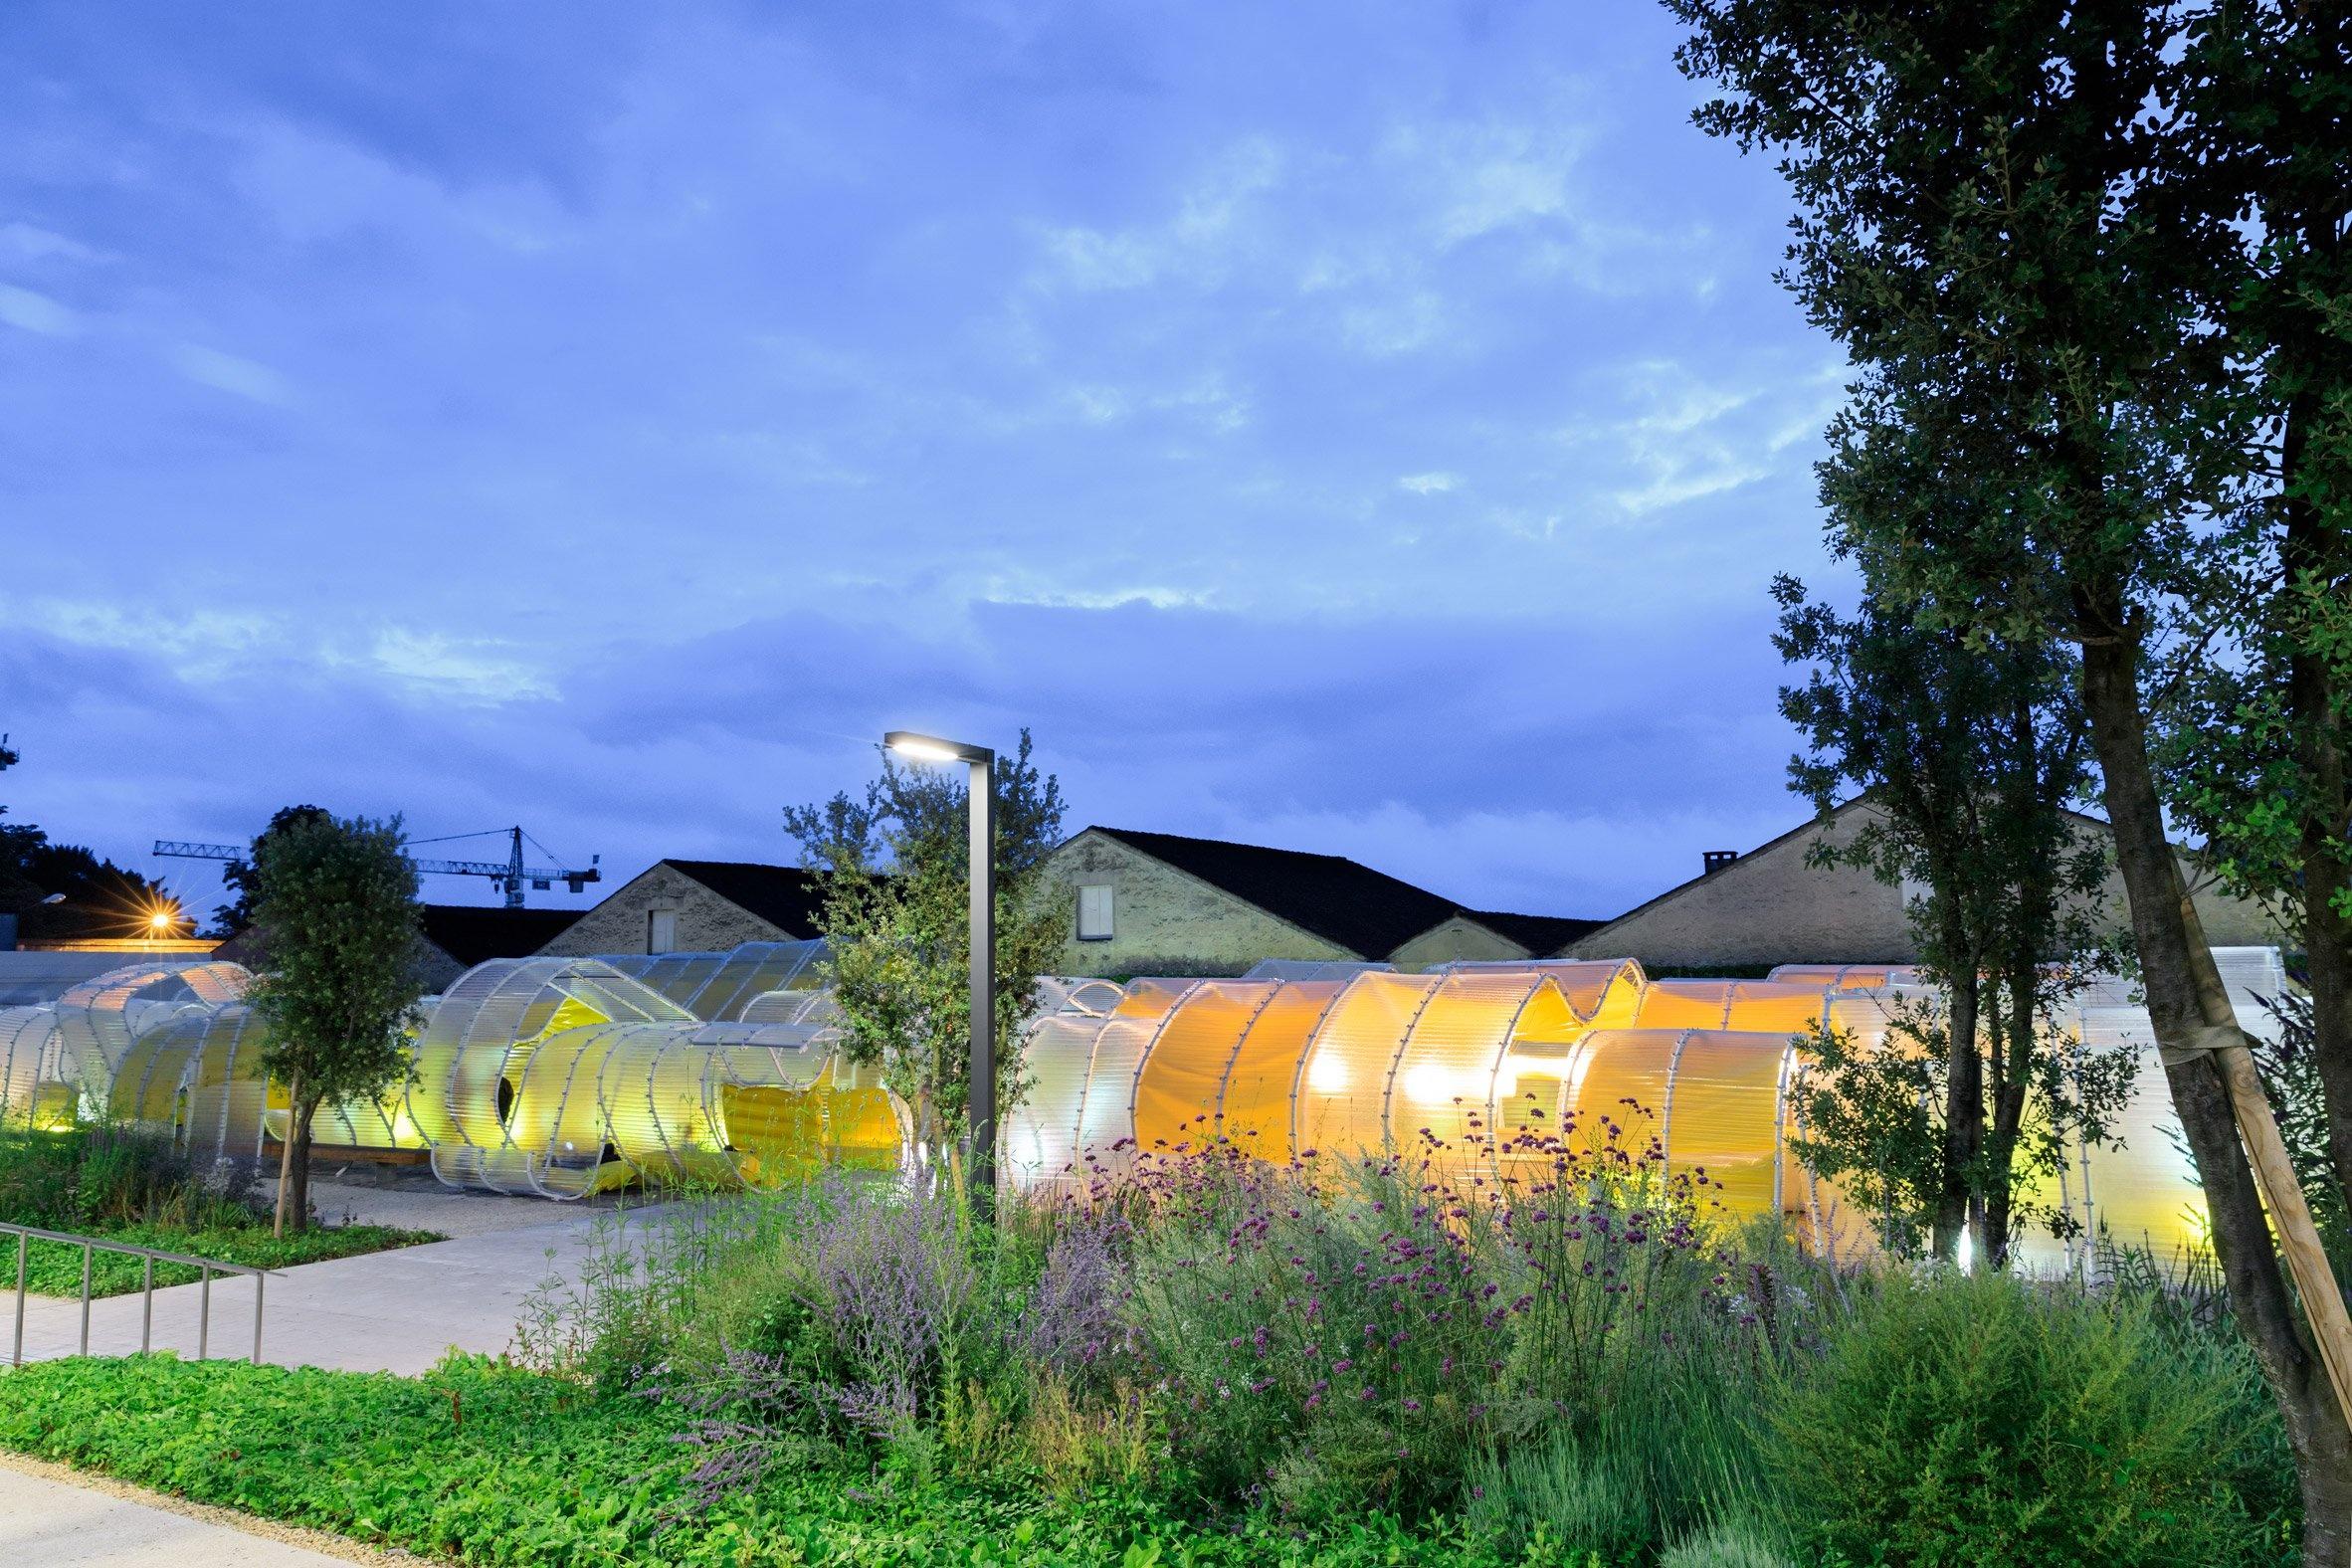 pavilion-selgascano-architecture-france_dezeen_2364_col_6